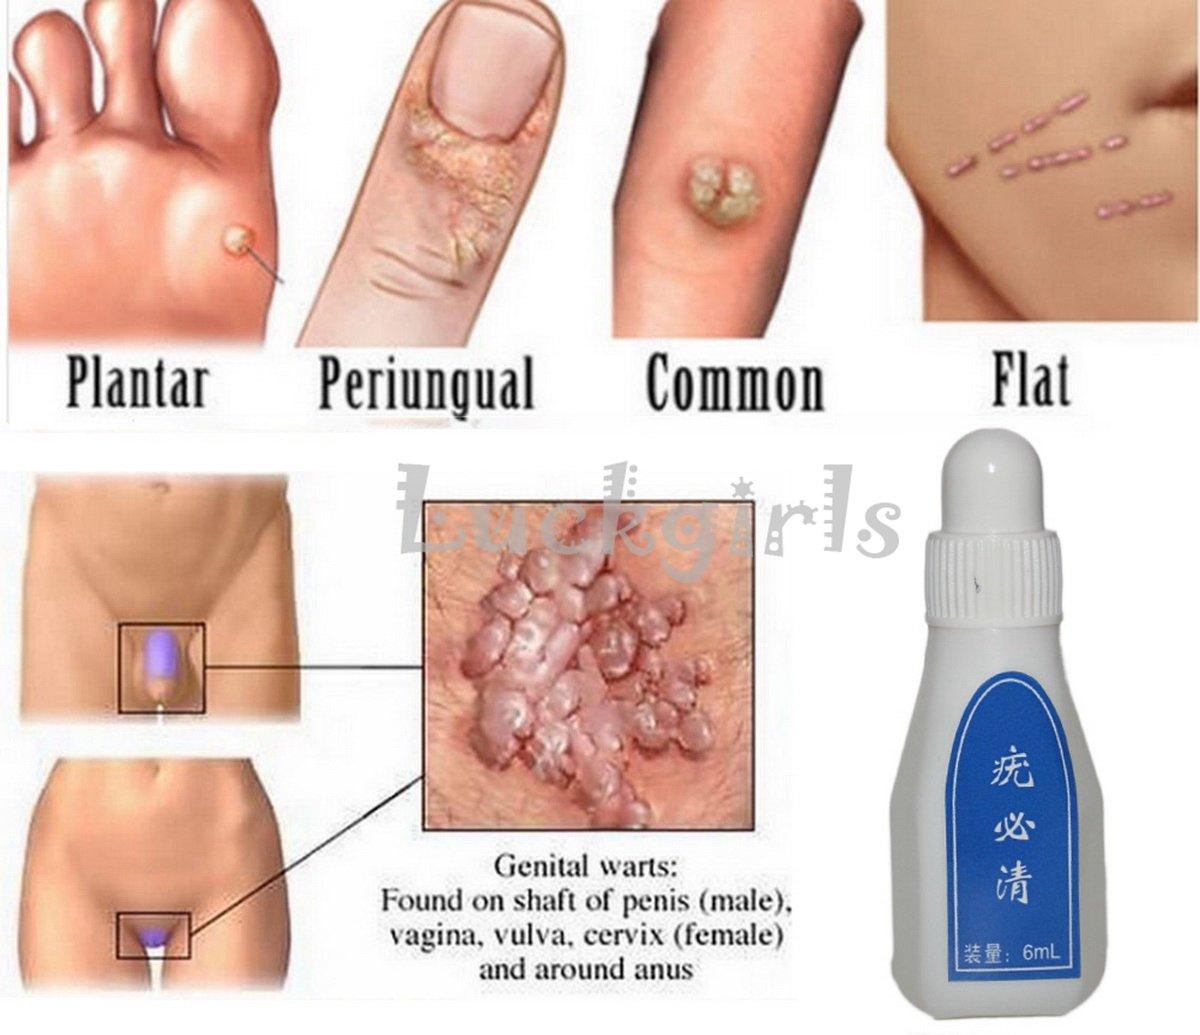 hpv outbreak symptoms